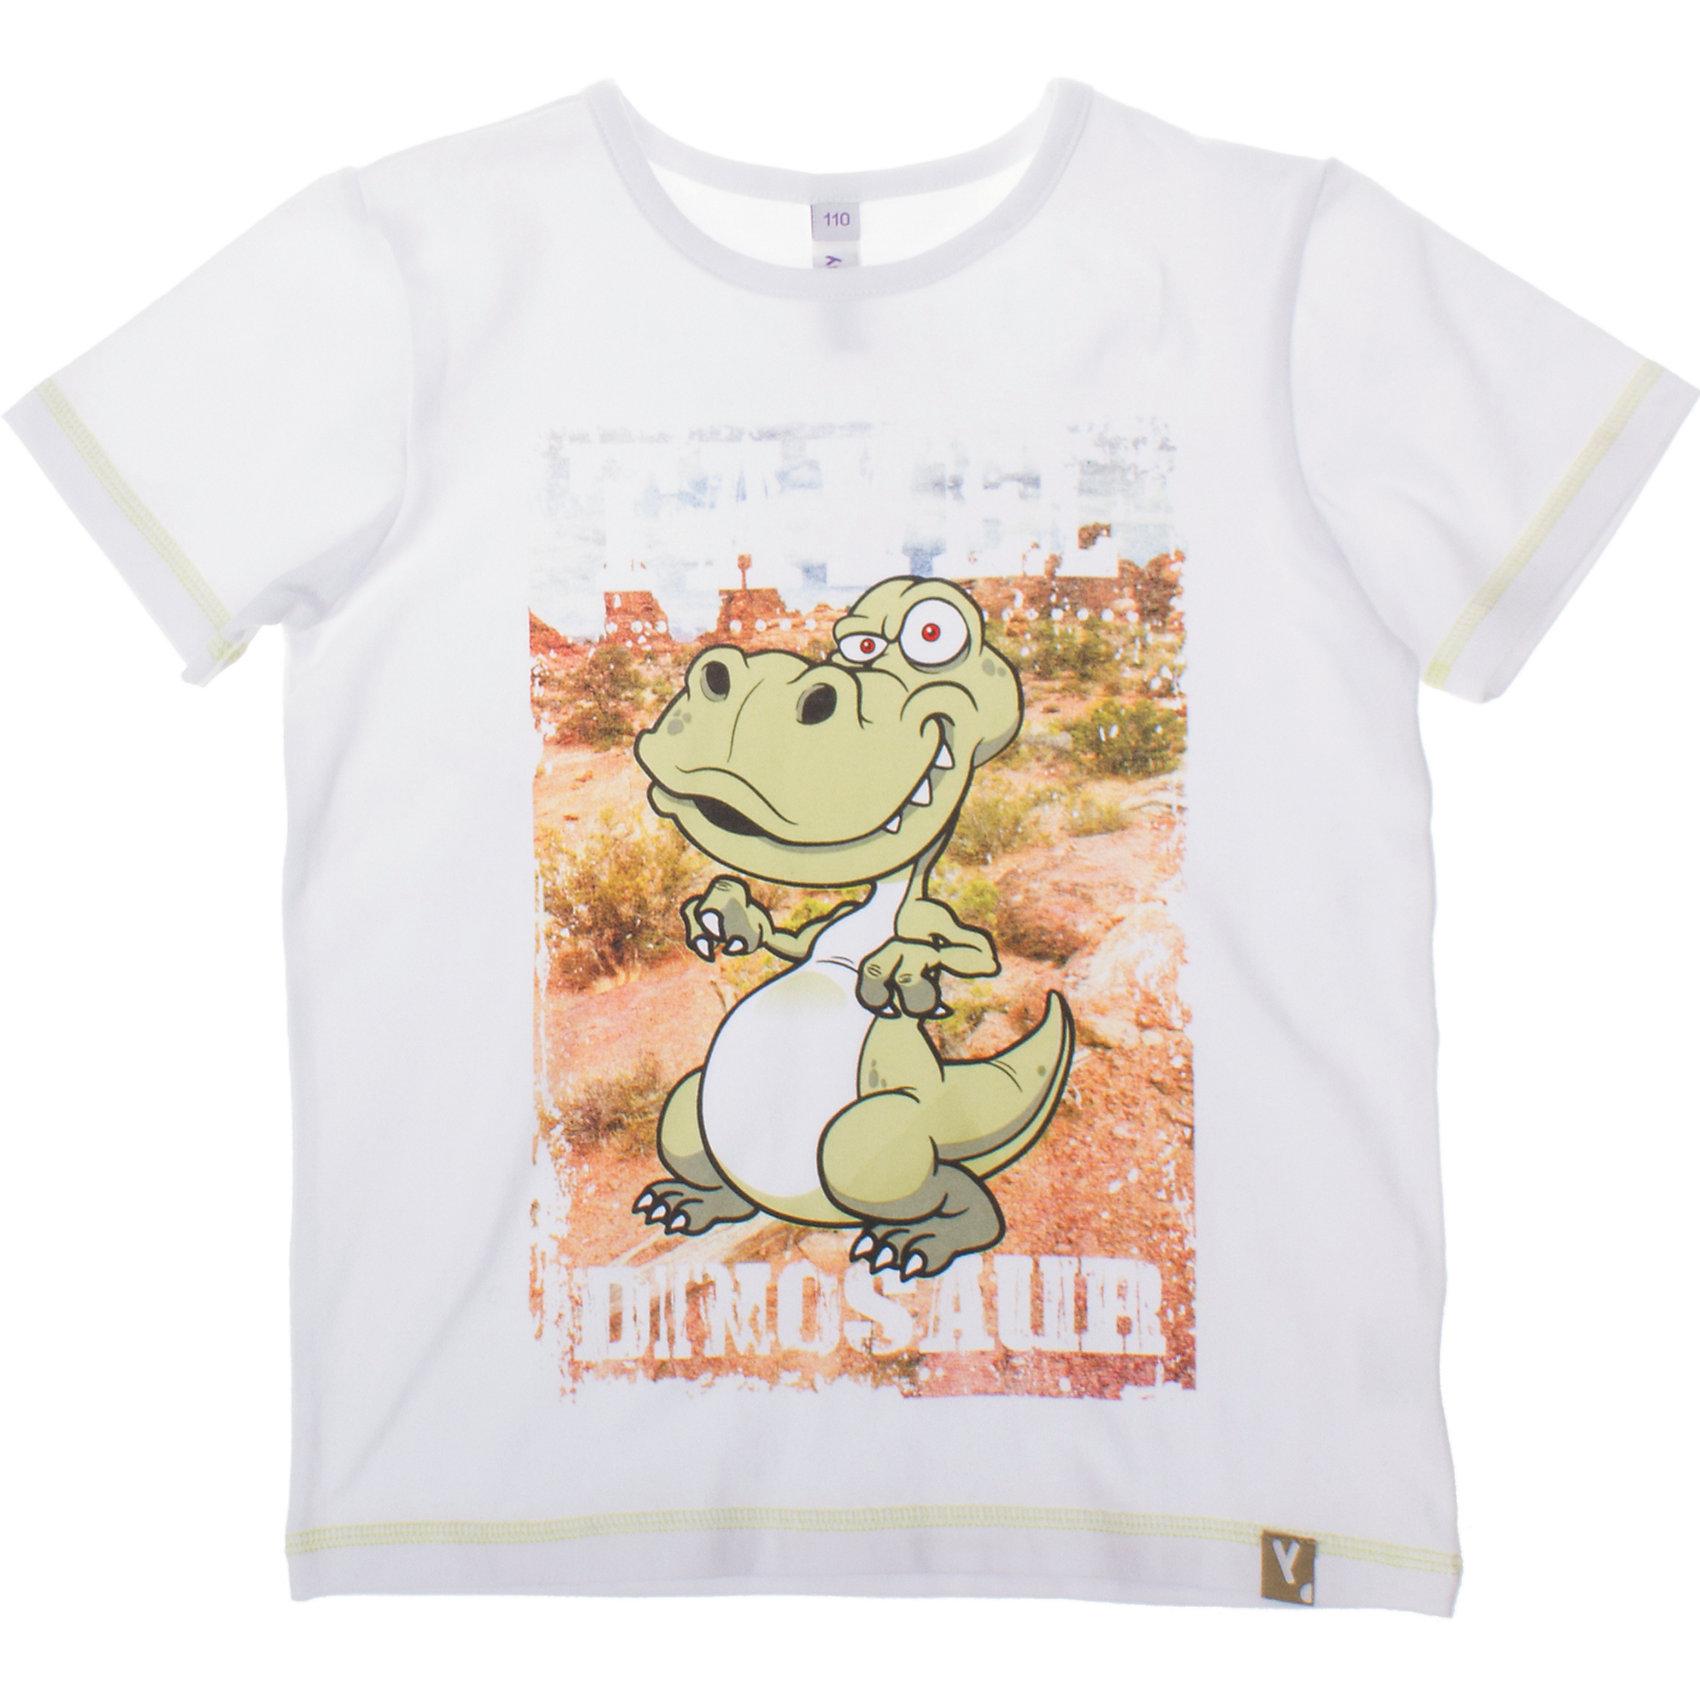 Футболка для мальчика PlayTodayМягкая хлопковая футболка белого цвета. Украшена большим водным принтом с динозавром. Состав: 95% хлопок, 5% эластан<br><br>Ширина мм: 199<br>Глубина мм: 10<br>Высота мм: 161<br>Вес г: 151<br>Цвет: белый<br>Возраст от месяцев: 72<br>Возраст до месяцев: 84<br>Пол: Мужской<br>Возраст: Детский<br>Размер: 98,110,128,104,116,122<br>SKU: 4652498